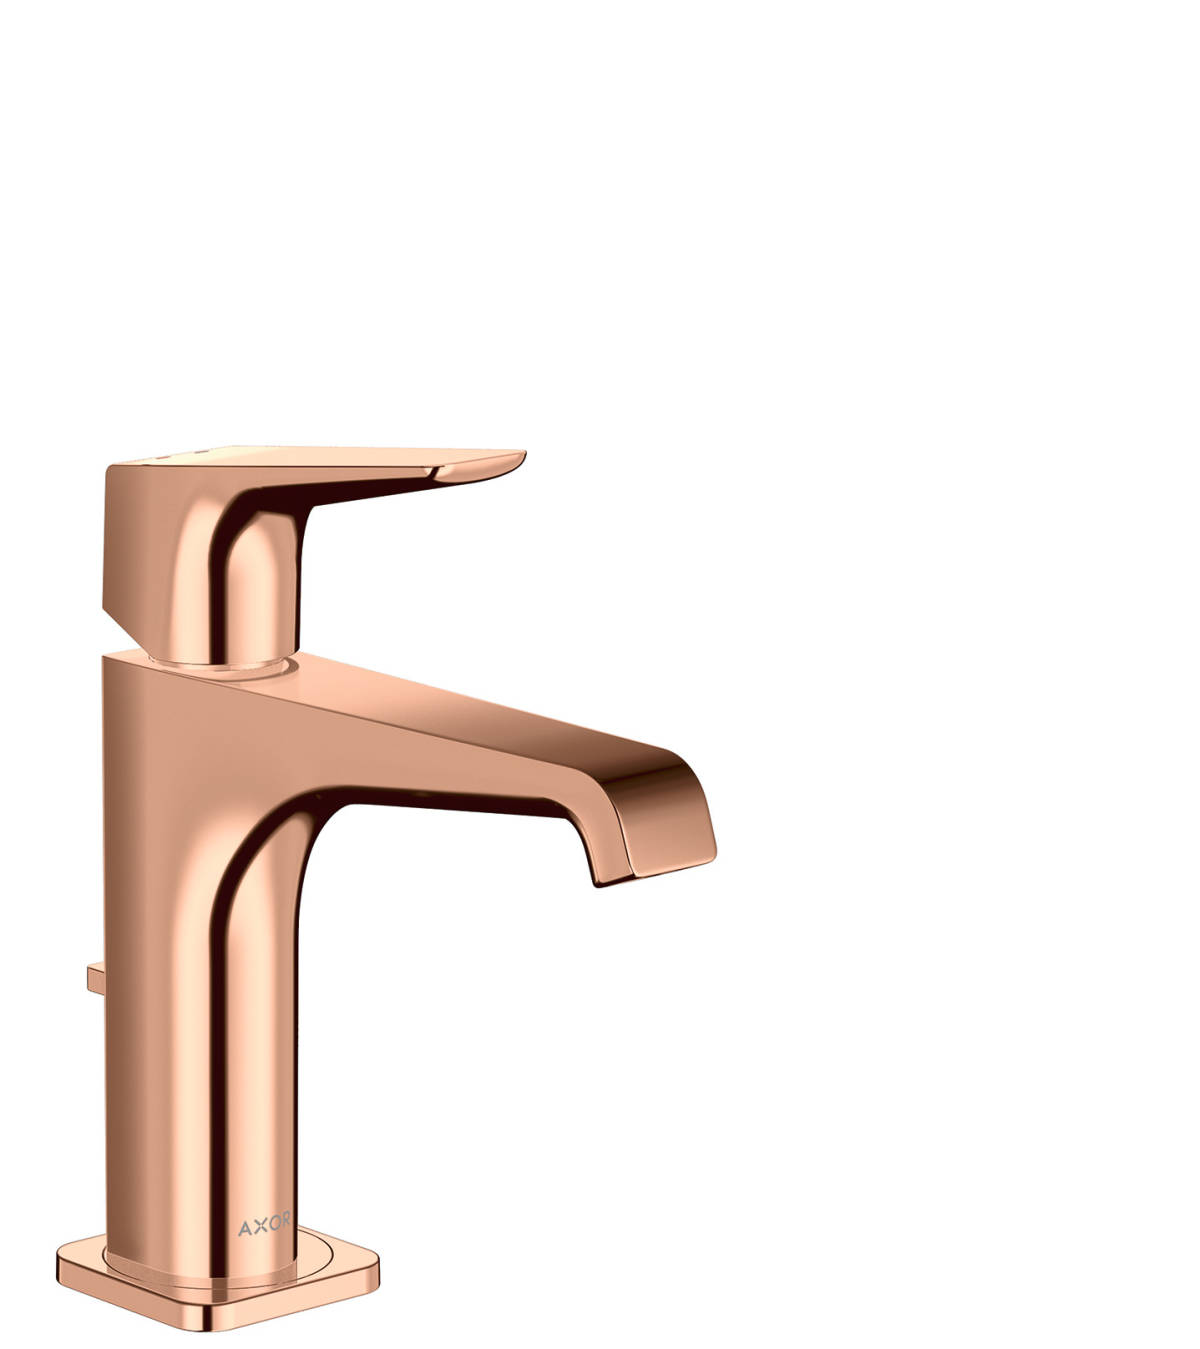 Mezclador monomando de lavabo 130 con manecilla y vaciador automático, color oro rojo pulido, 36110300